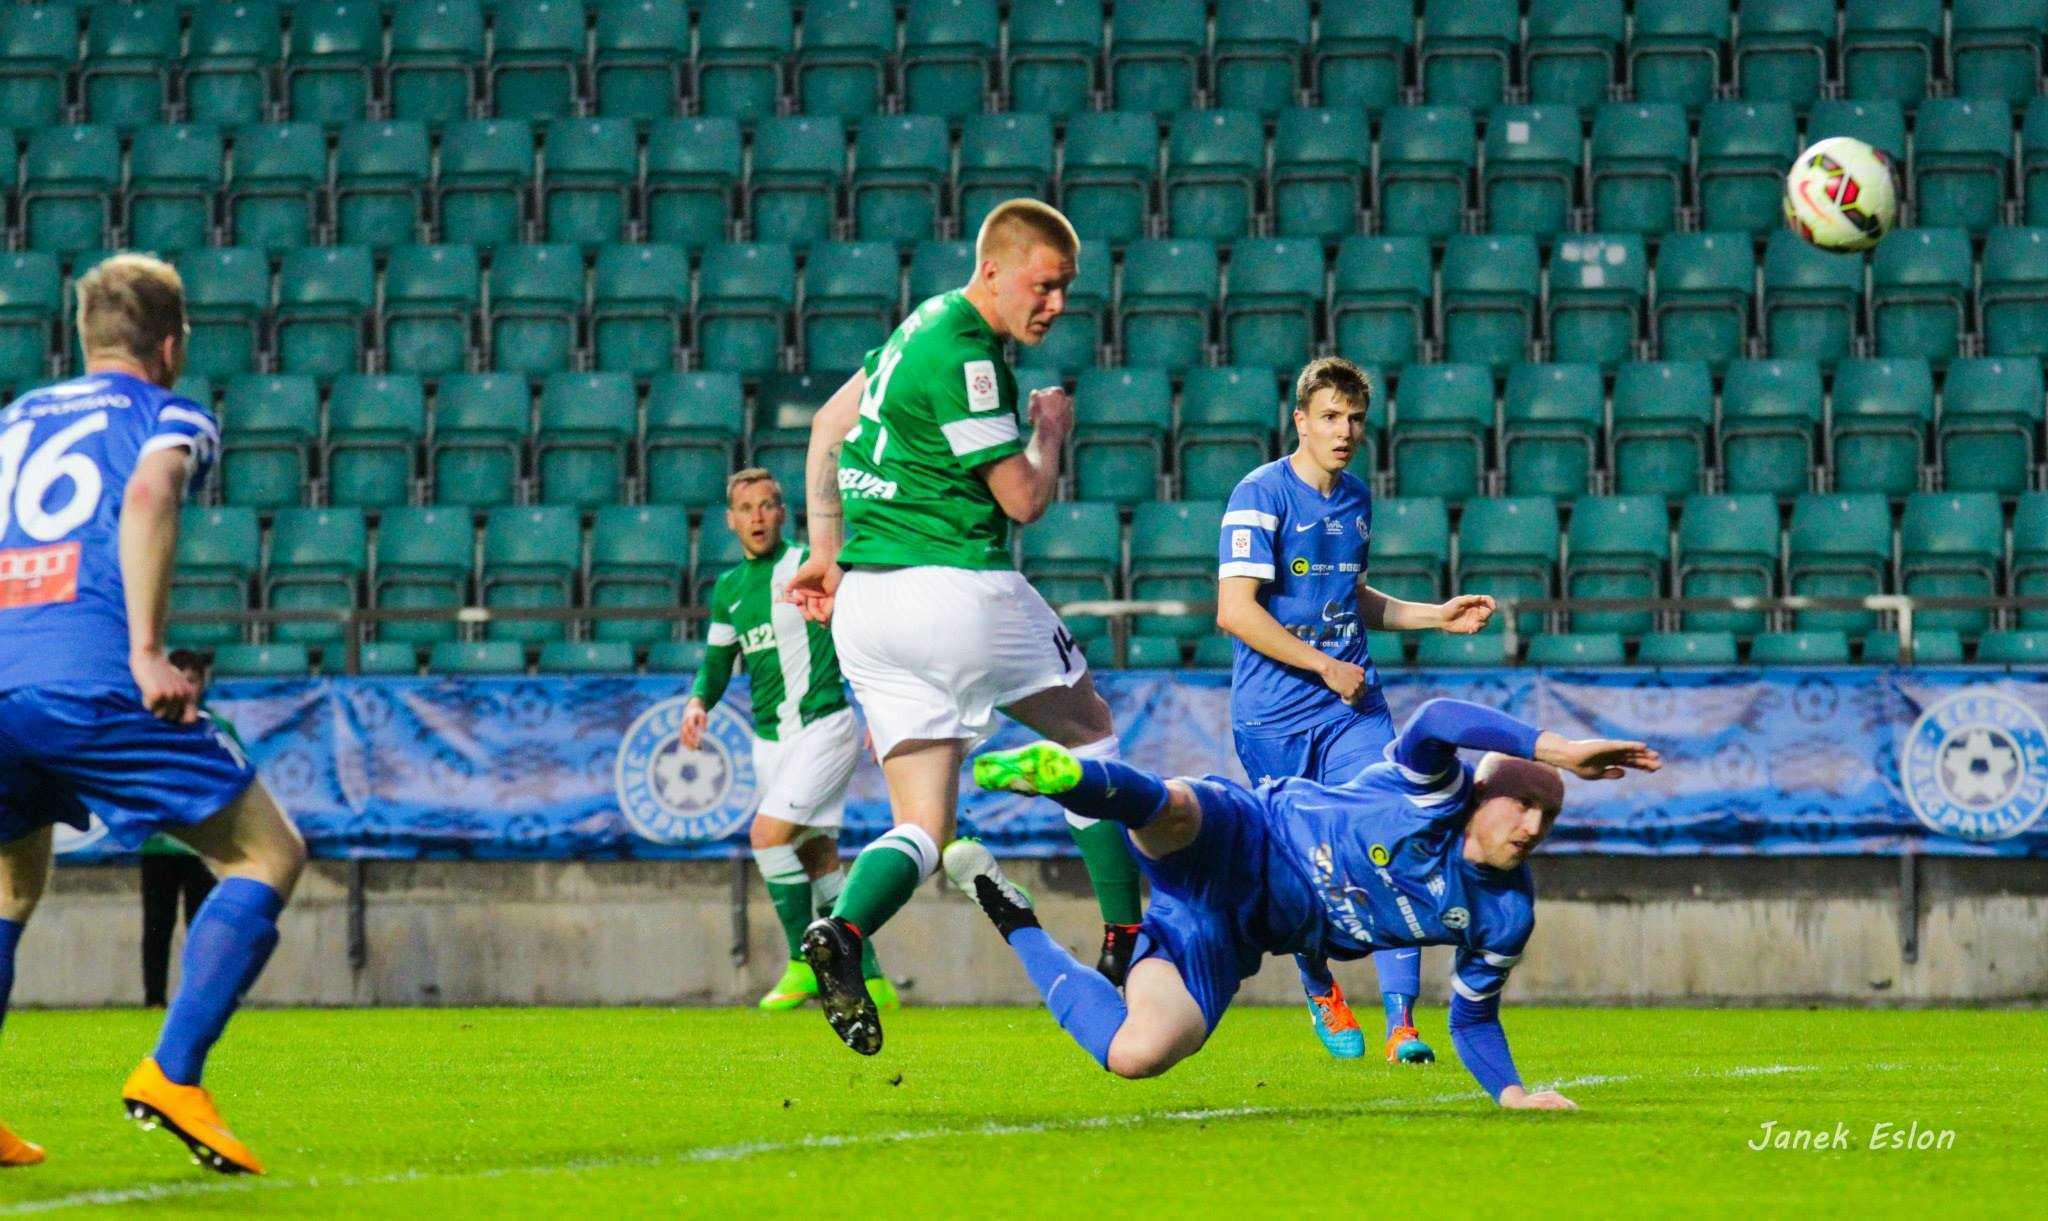 Martin Kase mängus Tartu JK Tammeka vastu 2015. aasta Premium Liiga 13. voorus